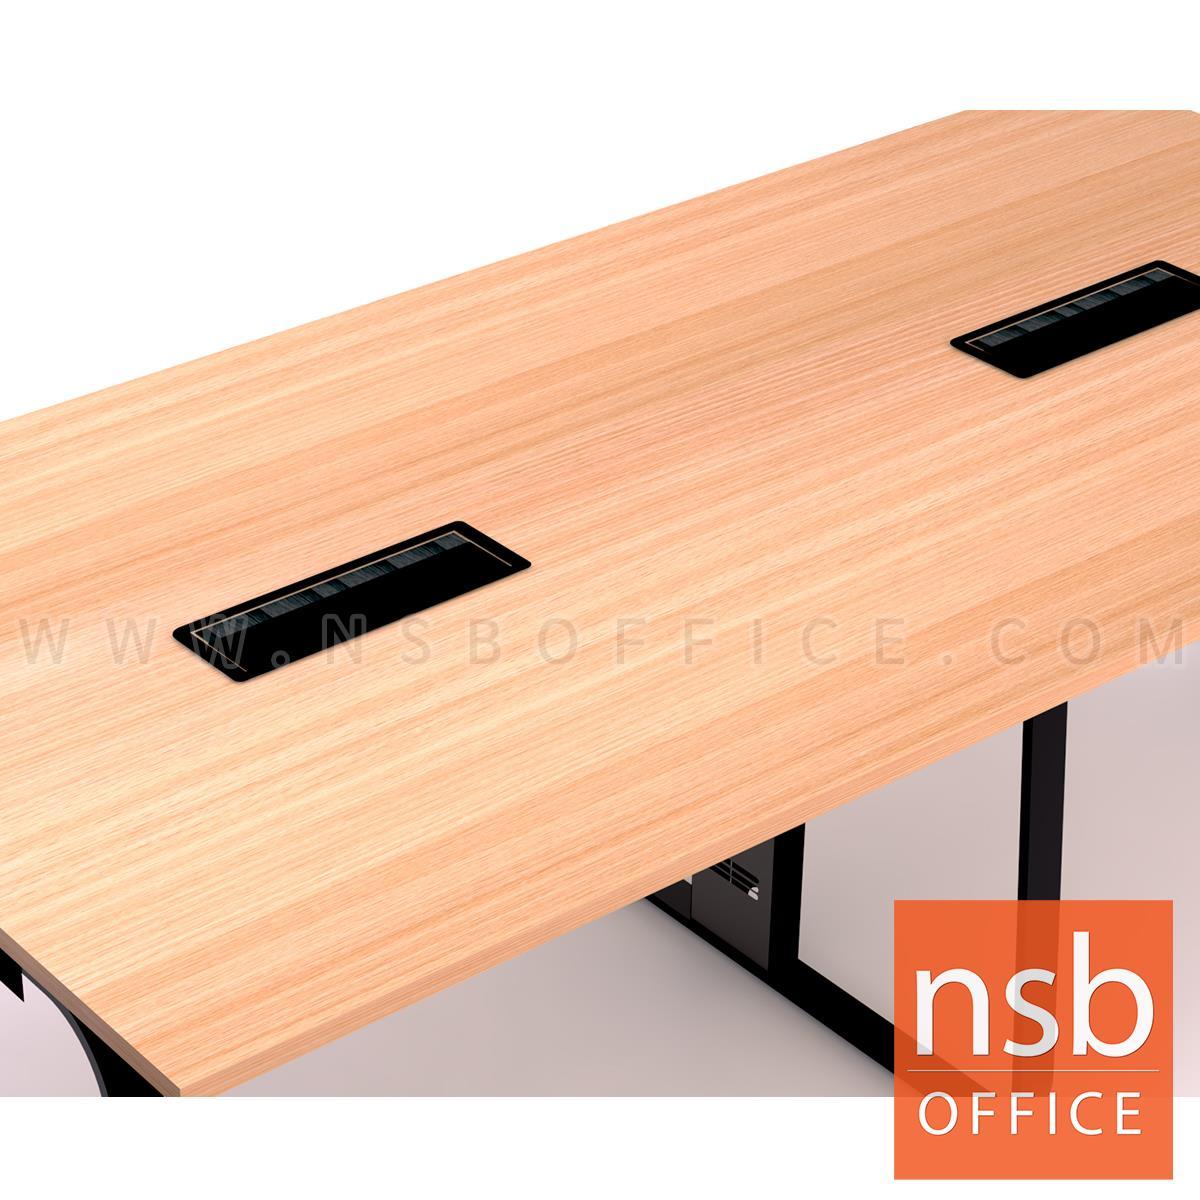 โต๊ะประชุมสี่เหลี่ยม รุ่น Trinity (ทรินิตี้) ขนาด 240W*120D cm.  พร้อมป๊อปอัพ รางไฟใต้โต๊ะ ขาเหล็กทรงแจกัน